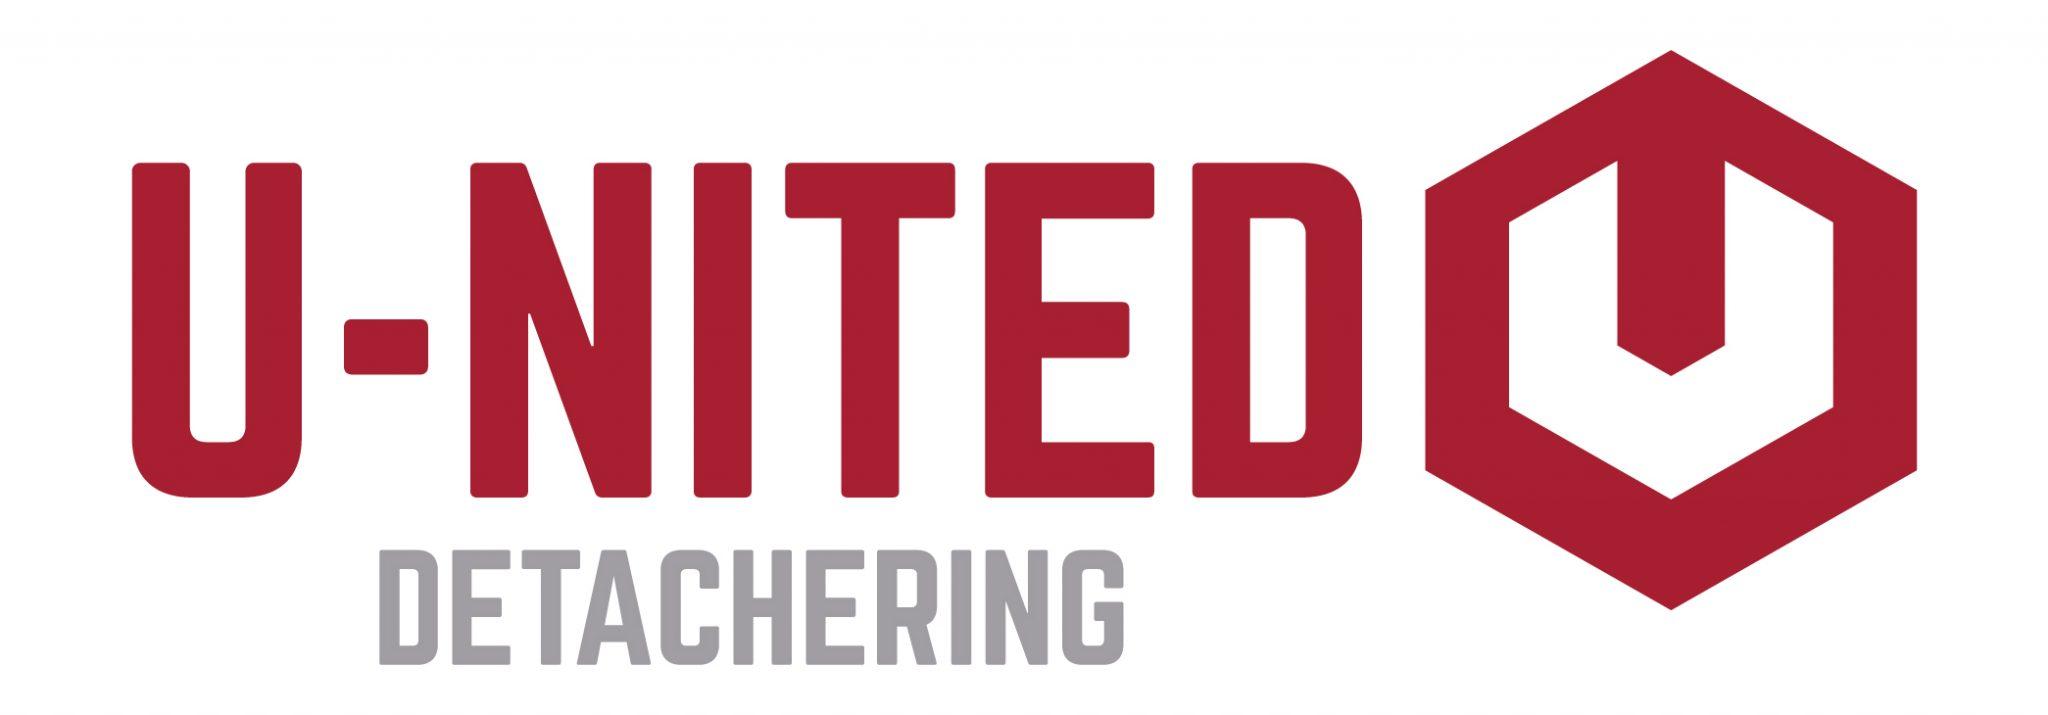 u-nited